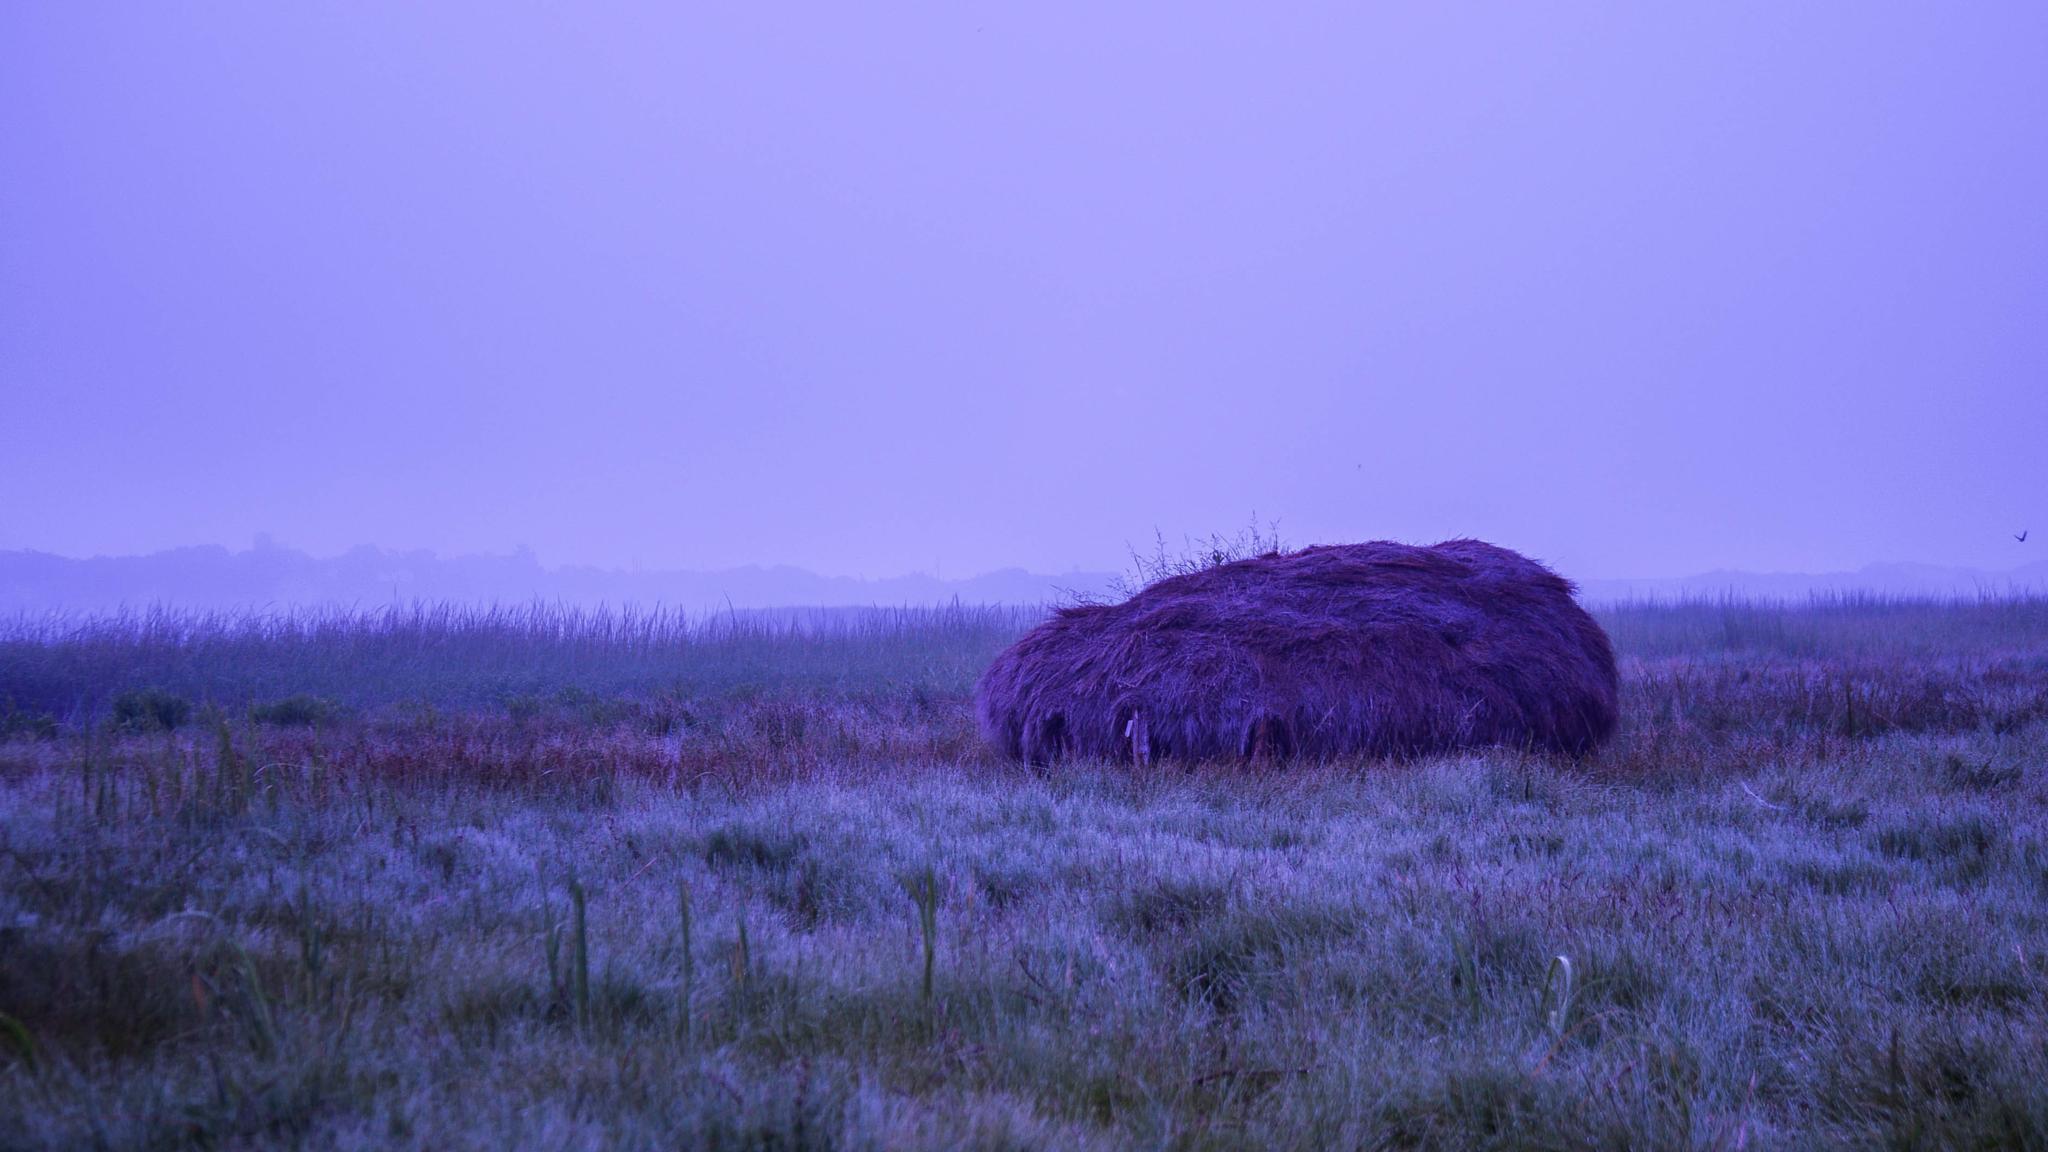 Dawn by sue_duq